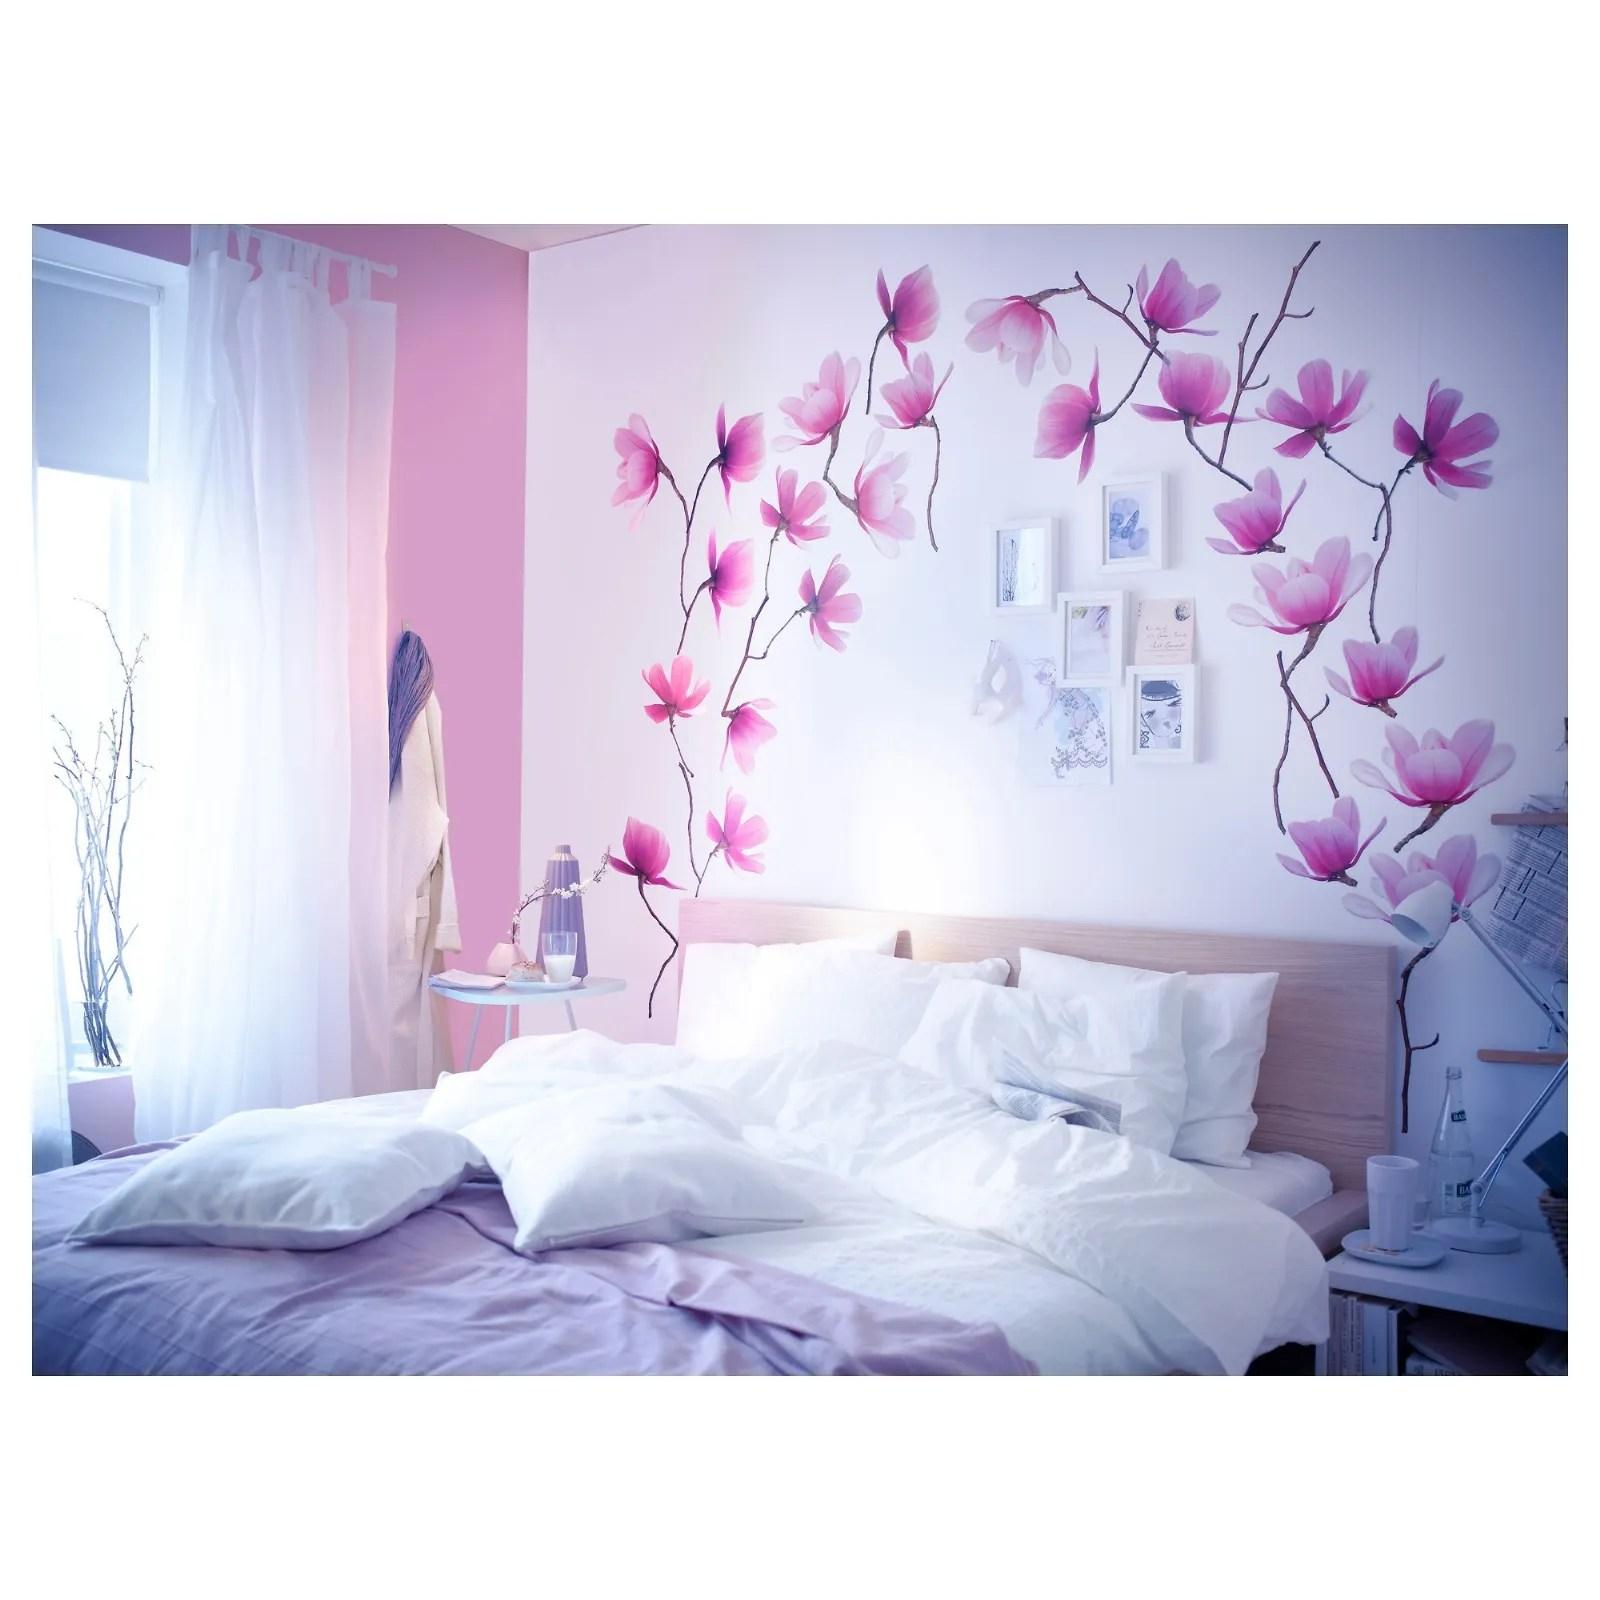 Visualizza altre idee su adesivi murali, decorazioni adesive, murale. Adesivi Murali Ikea Decorare Casa Facilmente